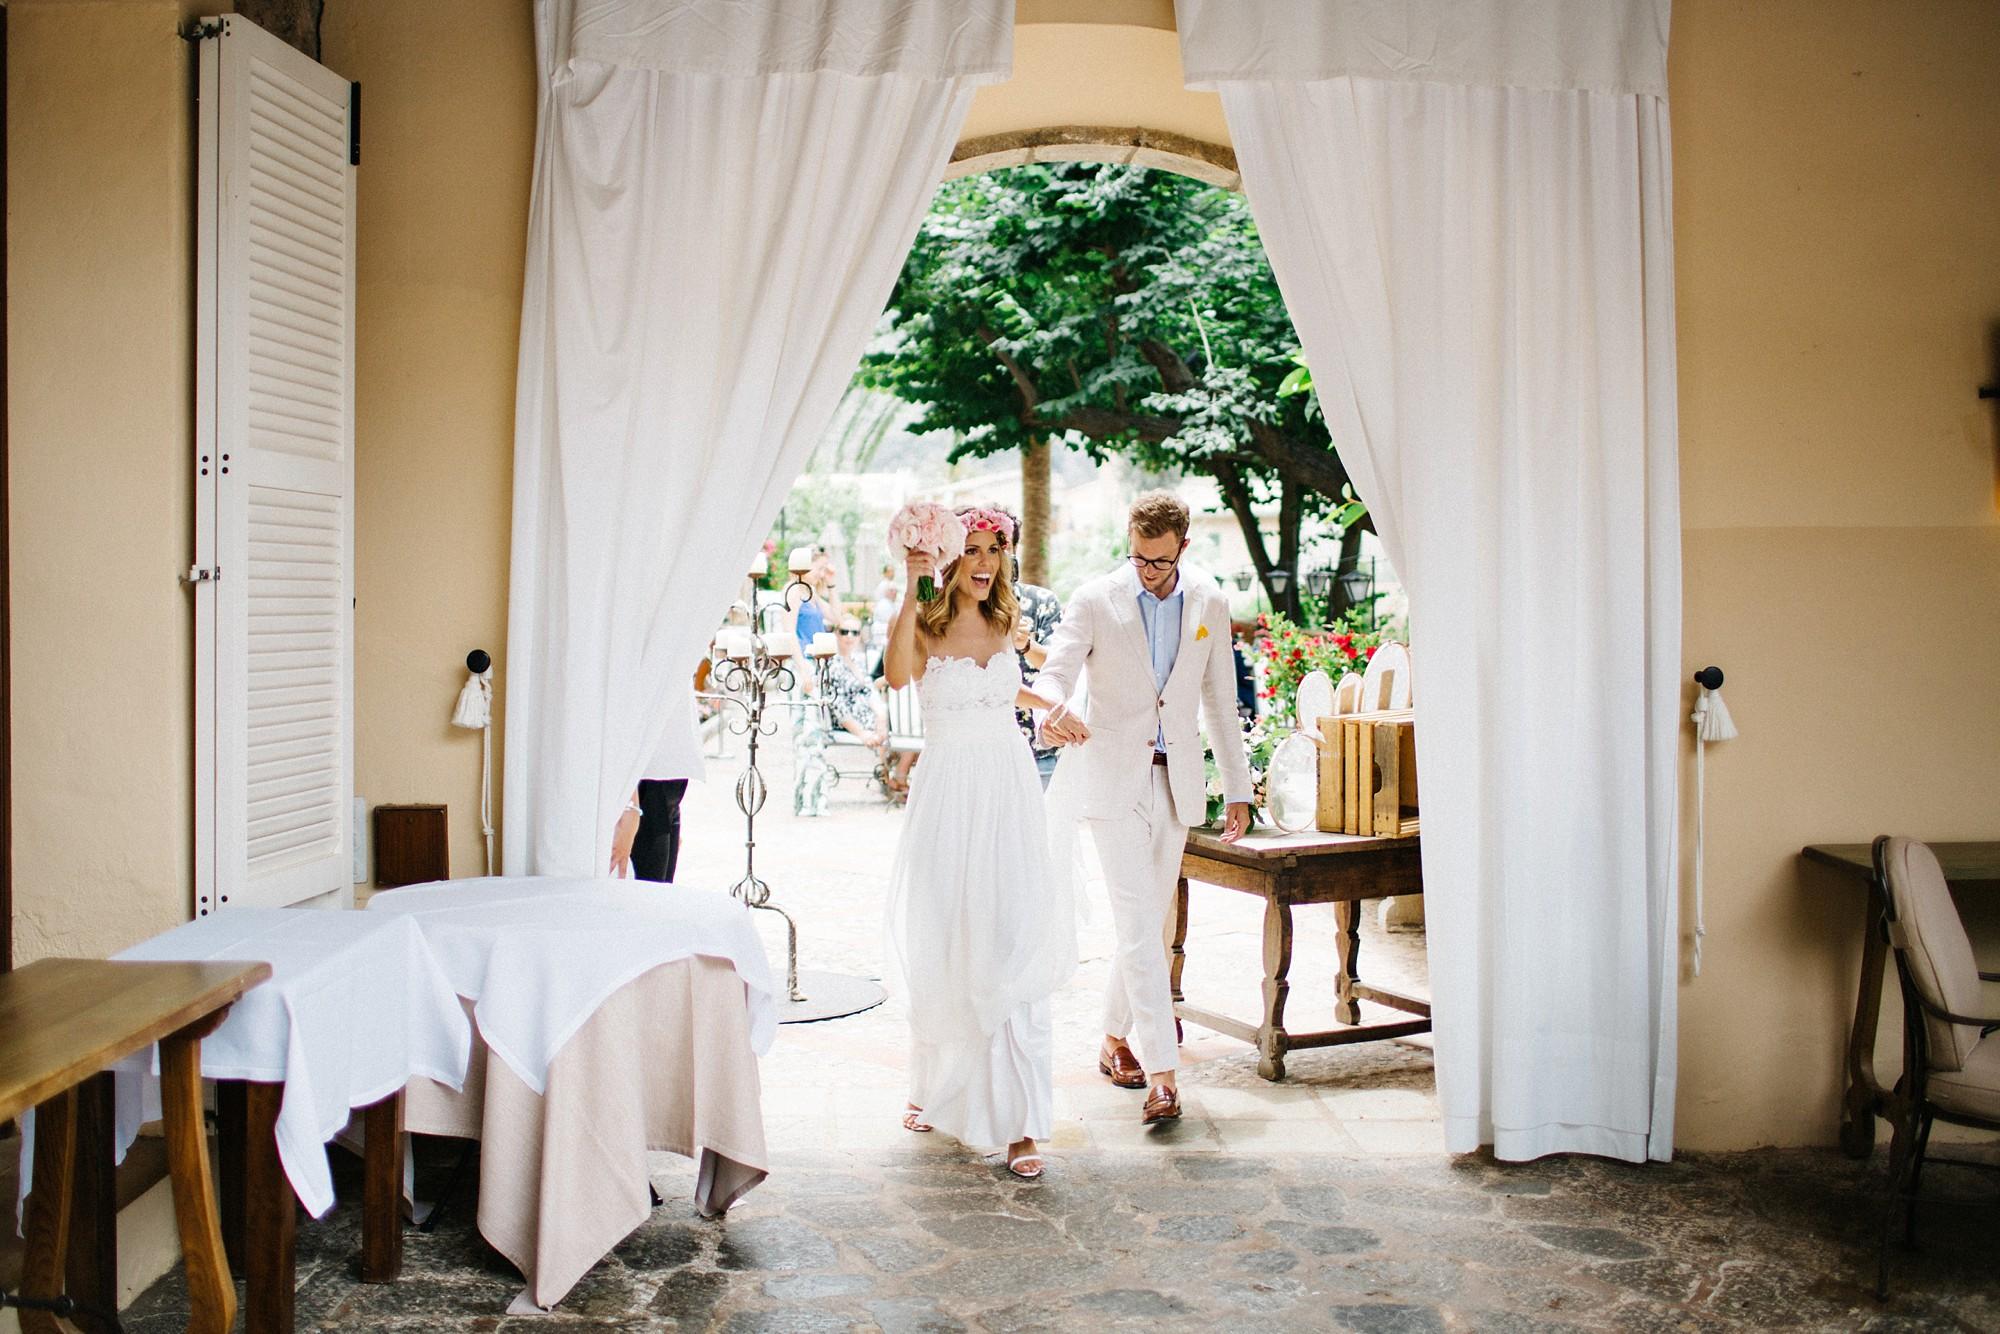 fotografos de boda en valencia barcelona mallorca wedding photographer129.jpg